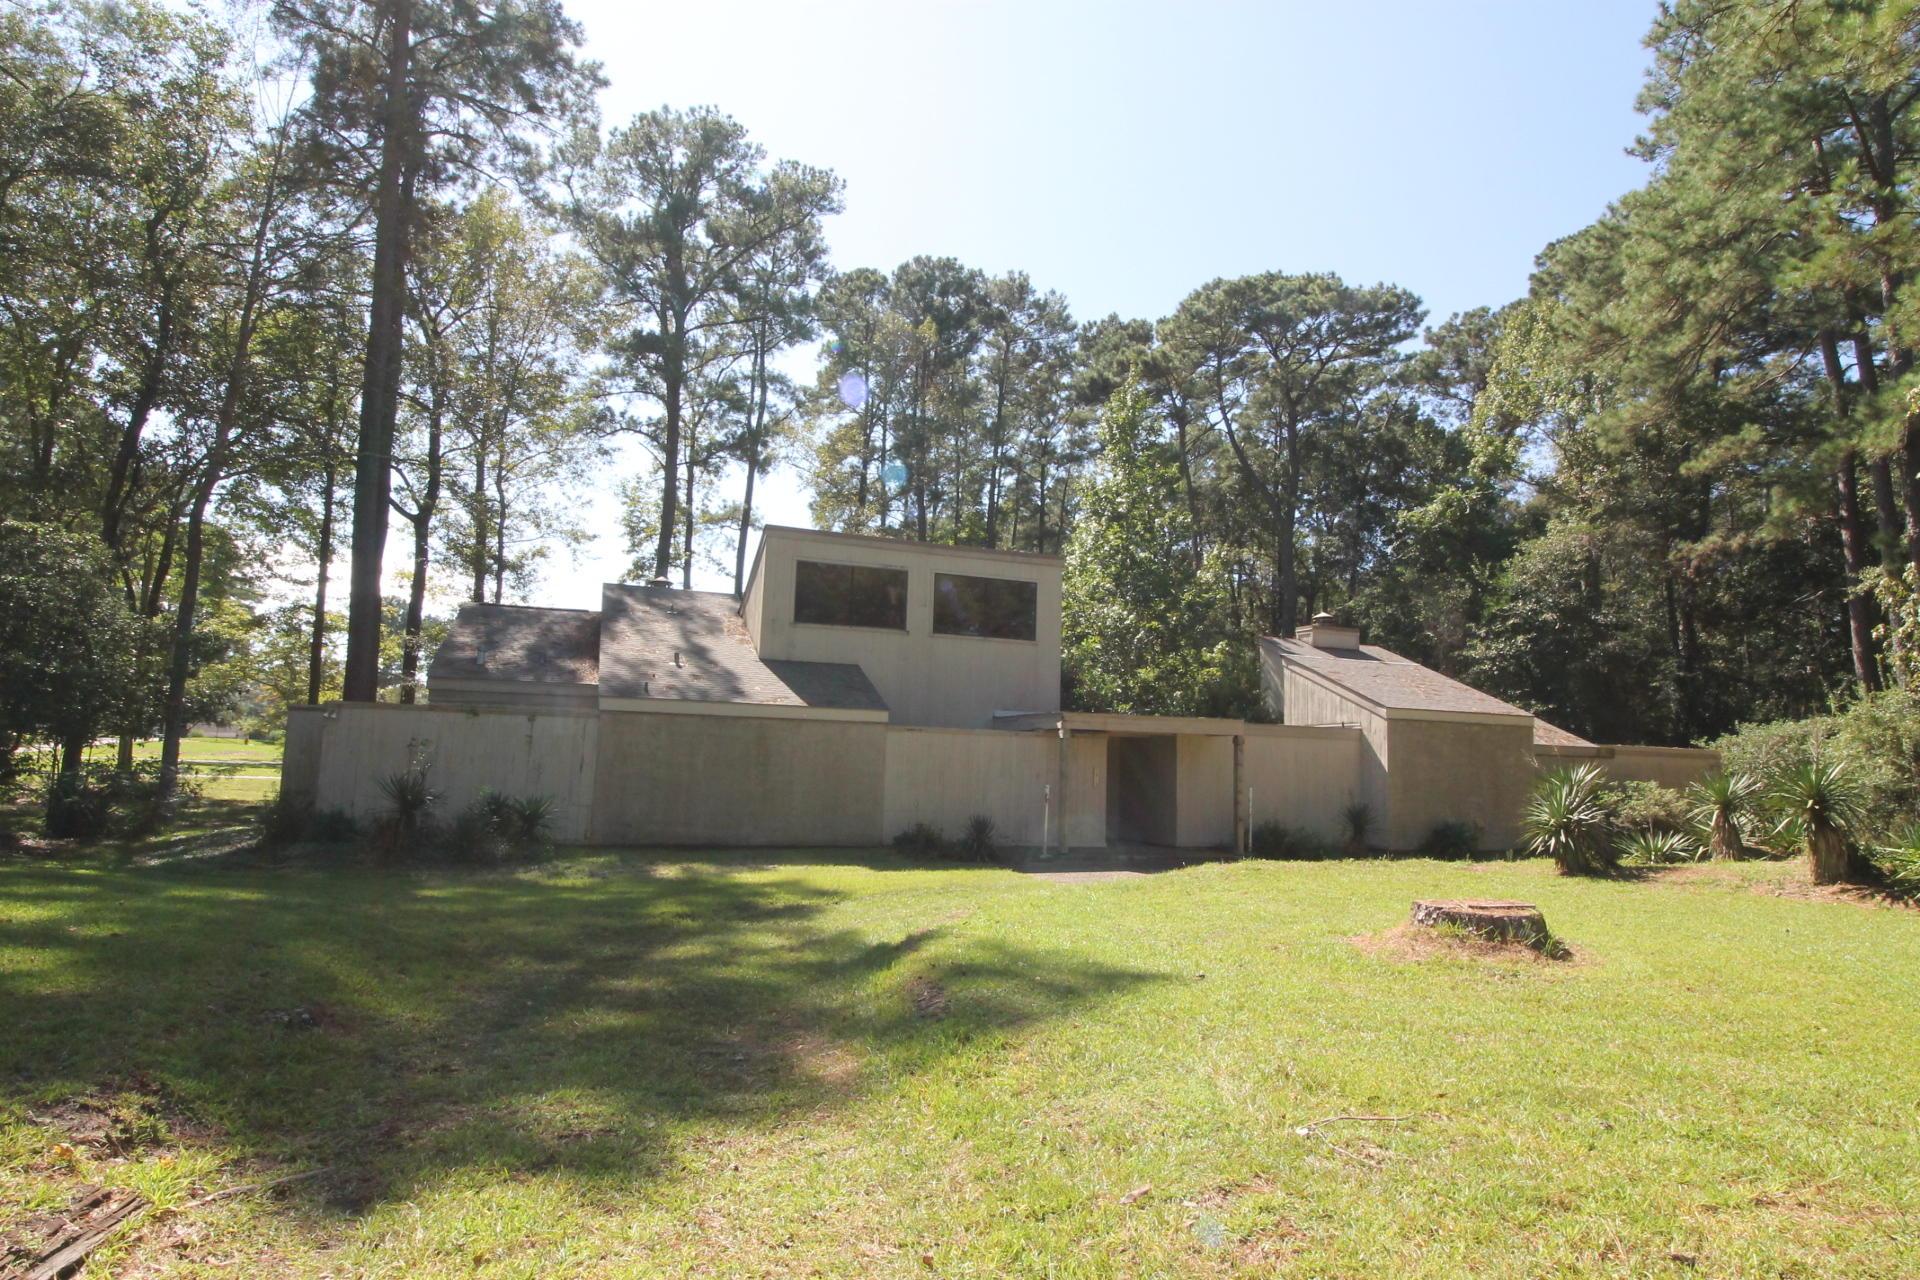 DeRidder home for sale, 1313 Woodbrook St, DeRidder LA - $120,000